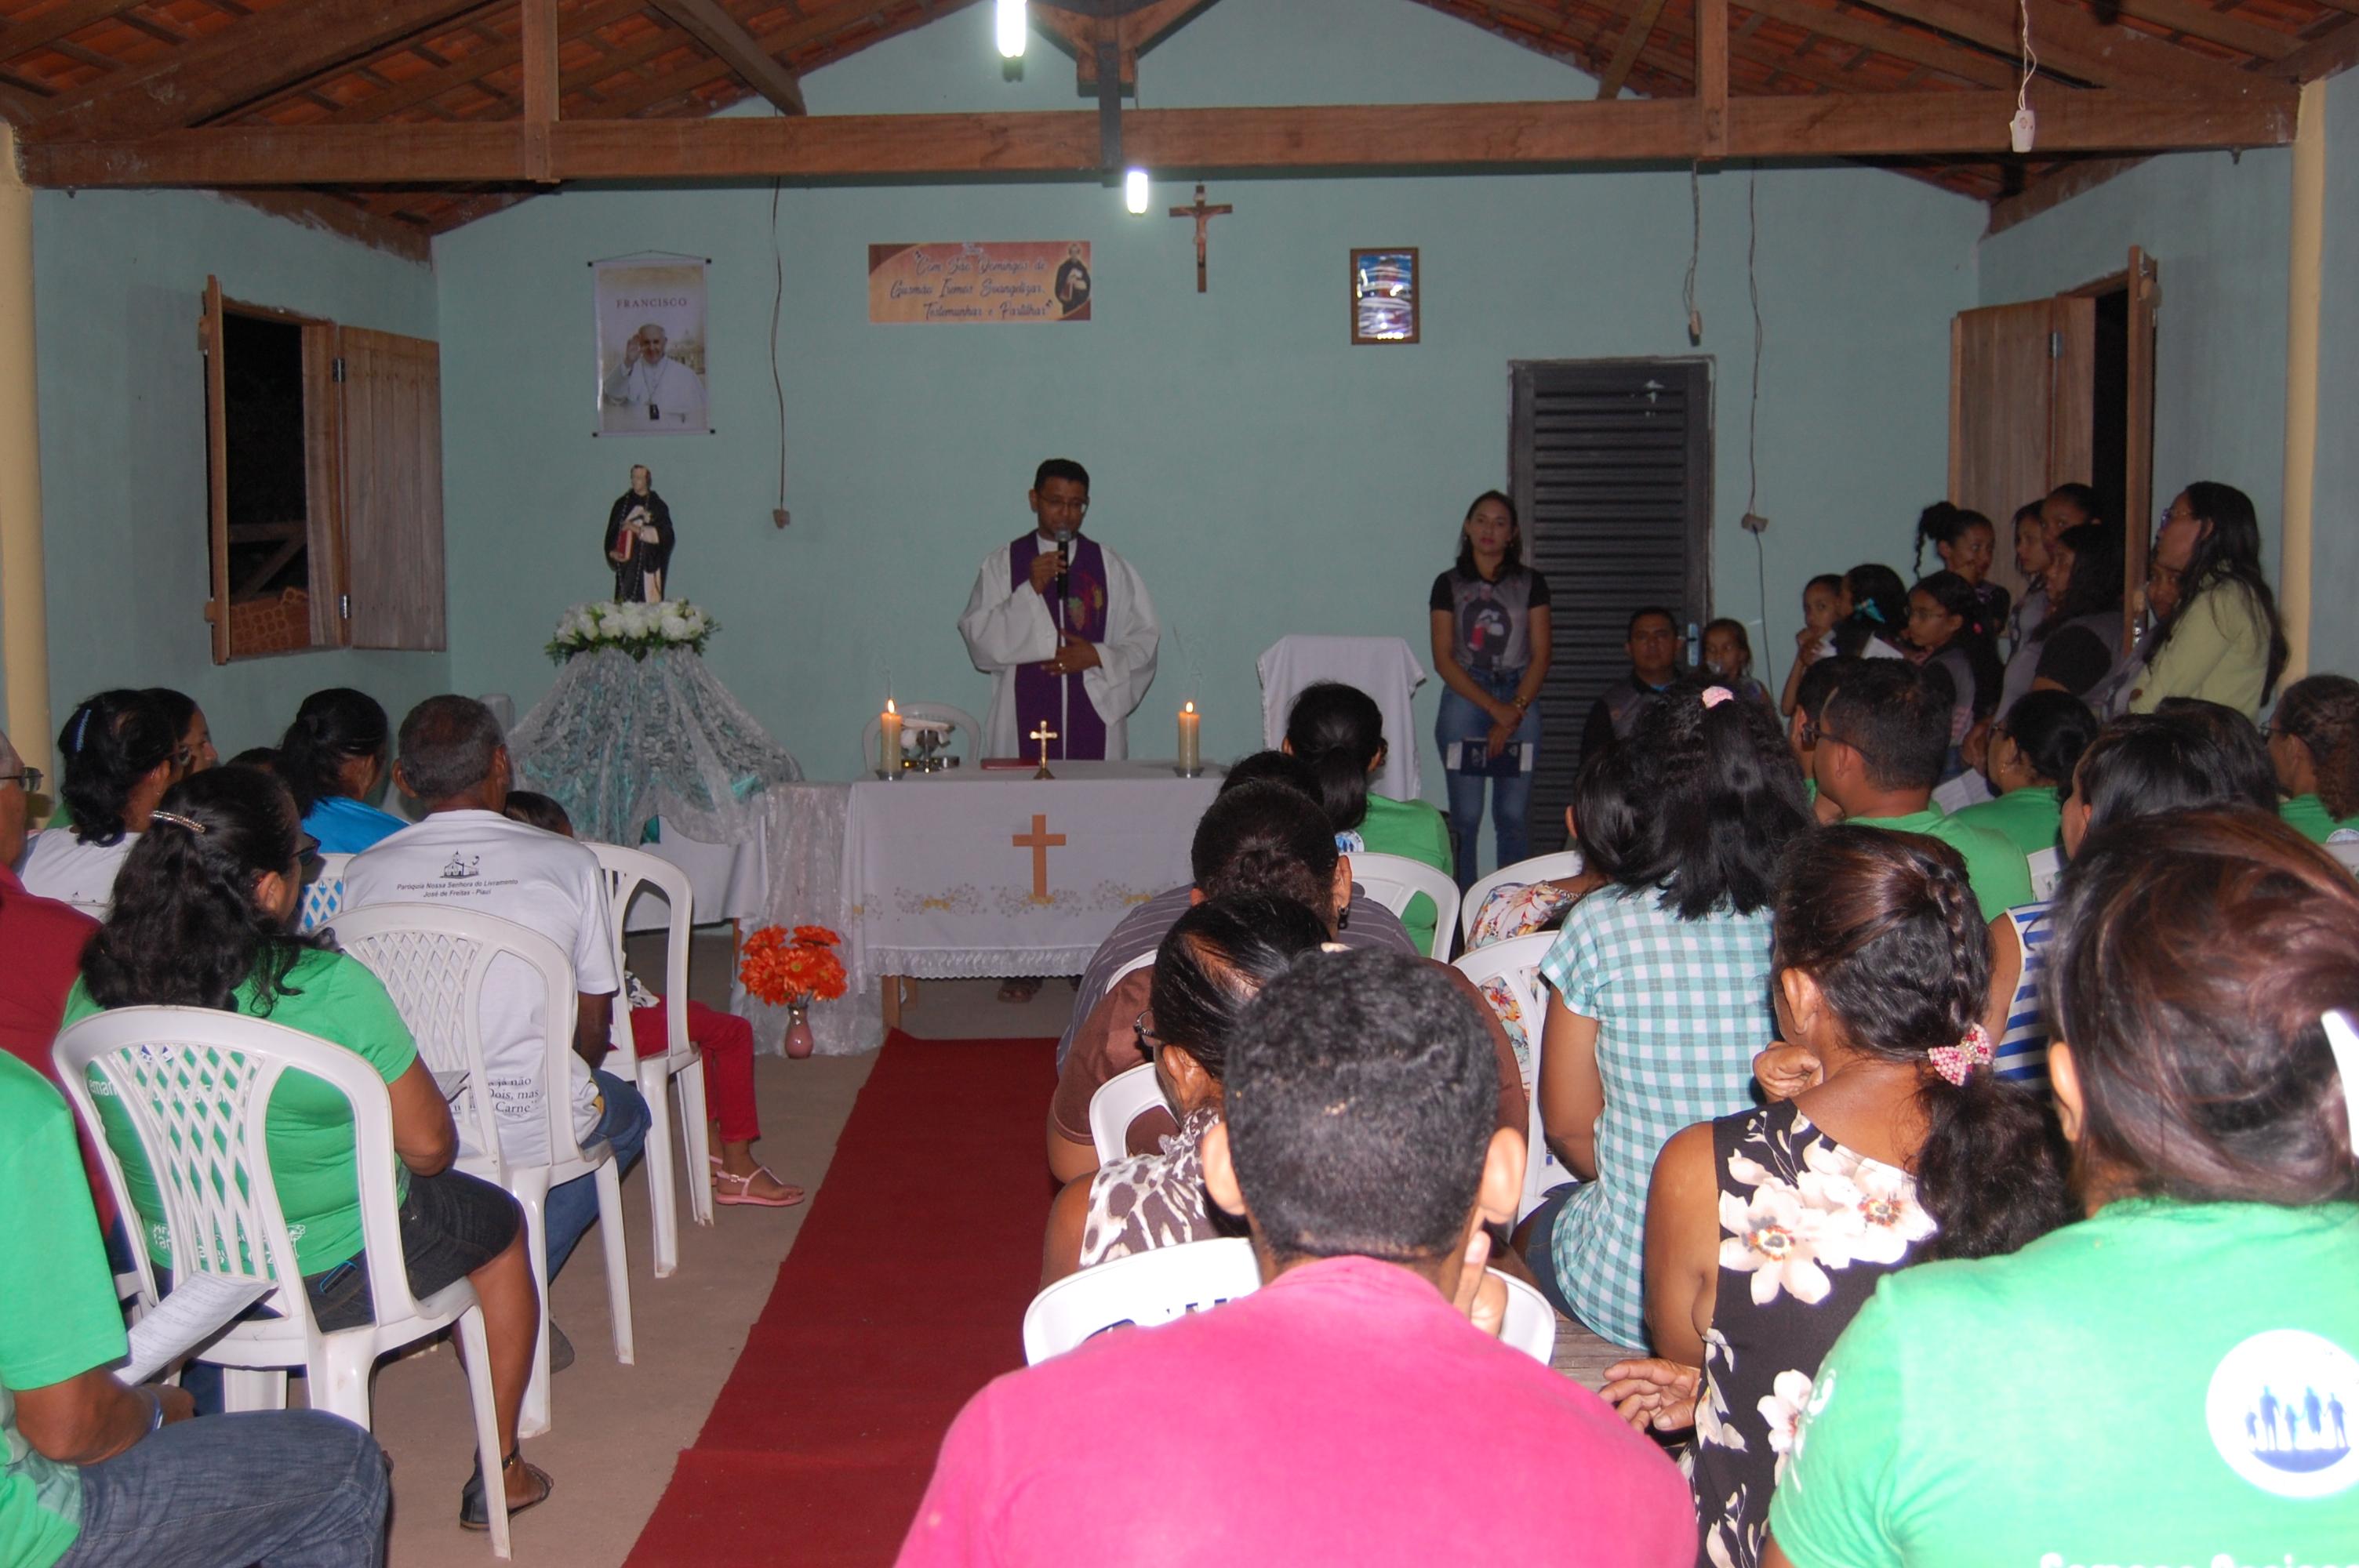 Fiéis participam dos festejos de São Domingos Gusmão na Comunidade Dois Riacho em José de Freitas